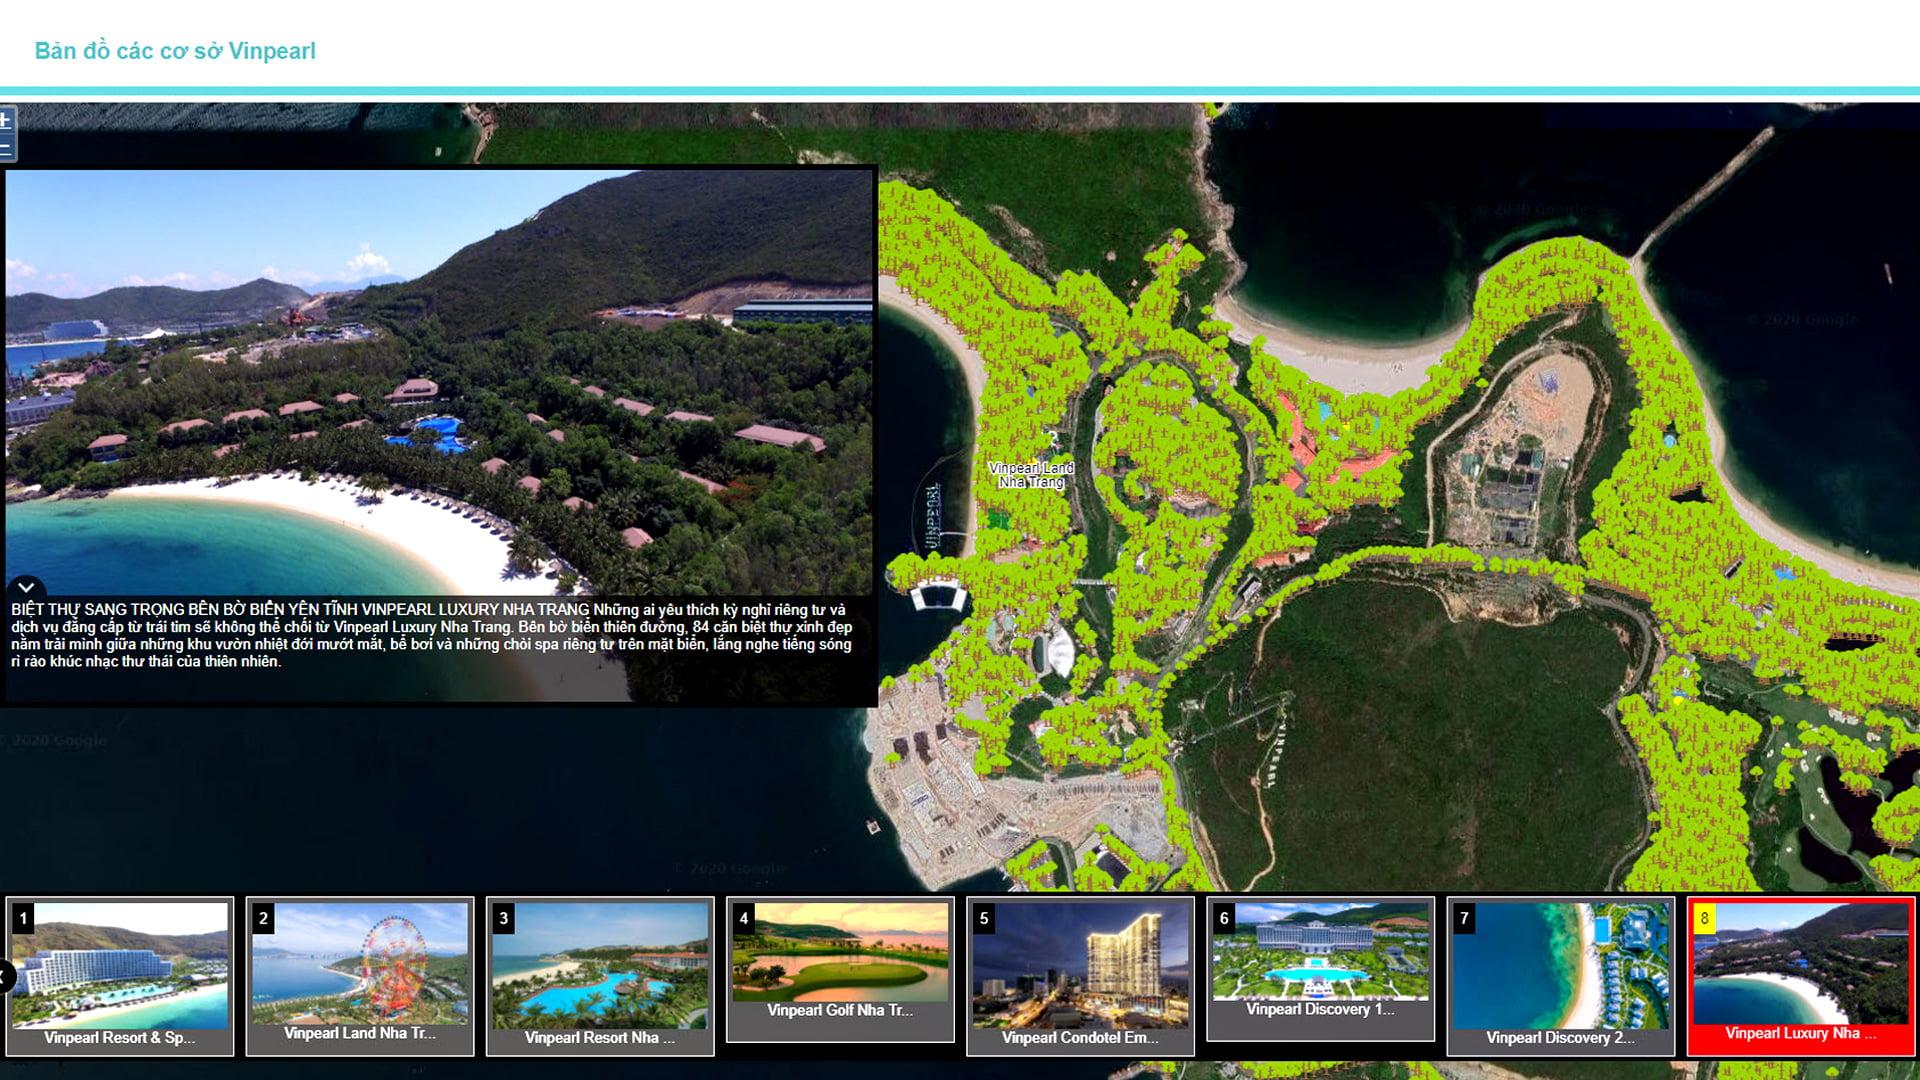 showcase-eKMap Server được áp dụng để cung cấp bản đồ cơ sở cây xanh cho mục đích quản lý và chăm sóc cây xanh, quản lý không gian cây xanh tại từng cơ sở du lịch của Vinpearl